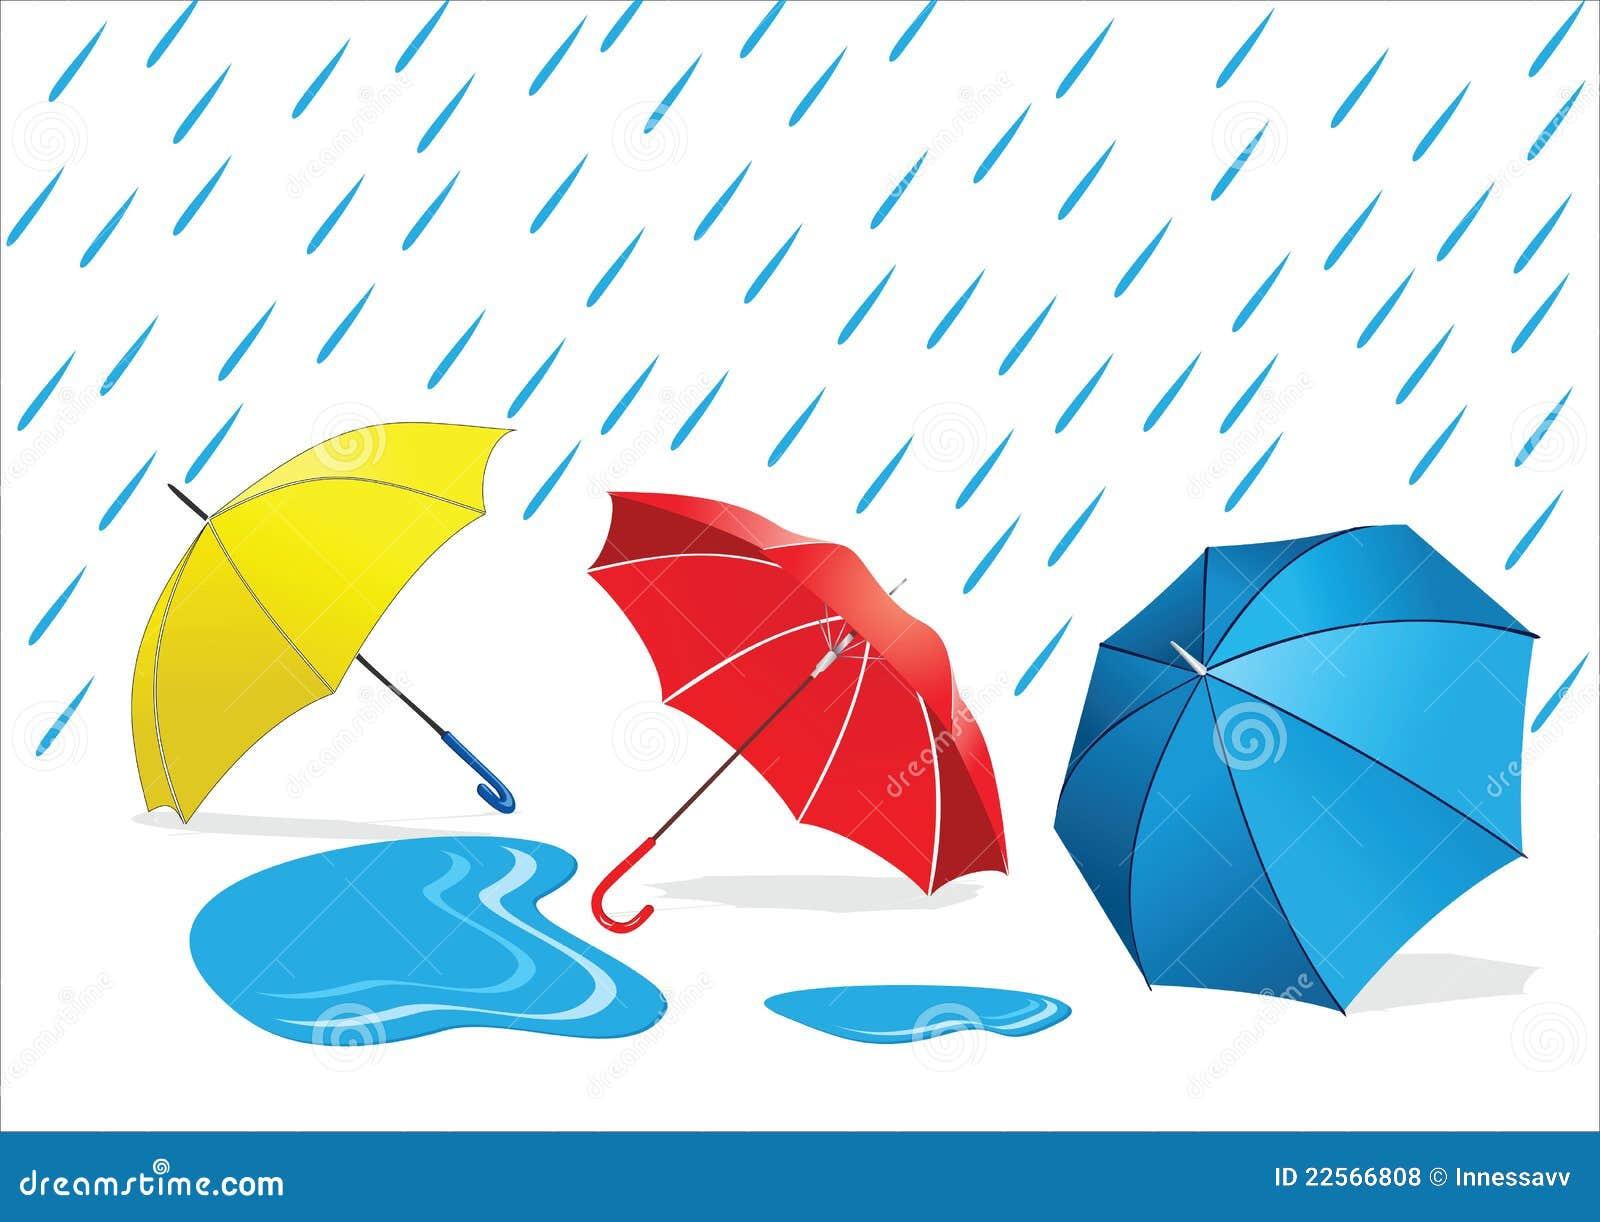 雨伞设计手绘图